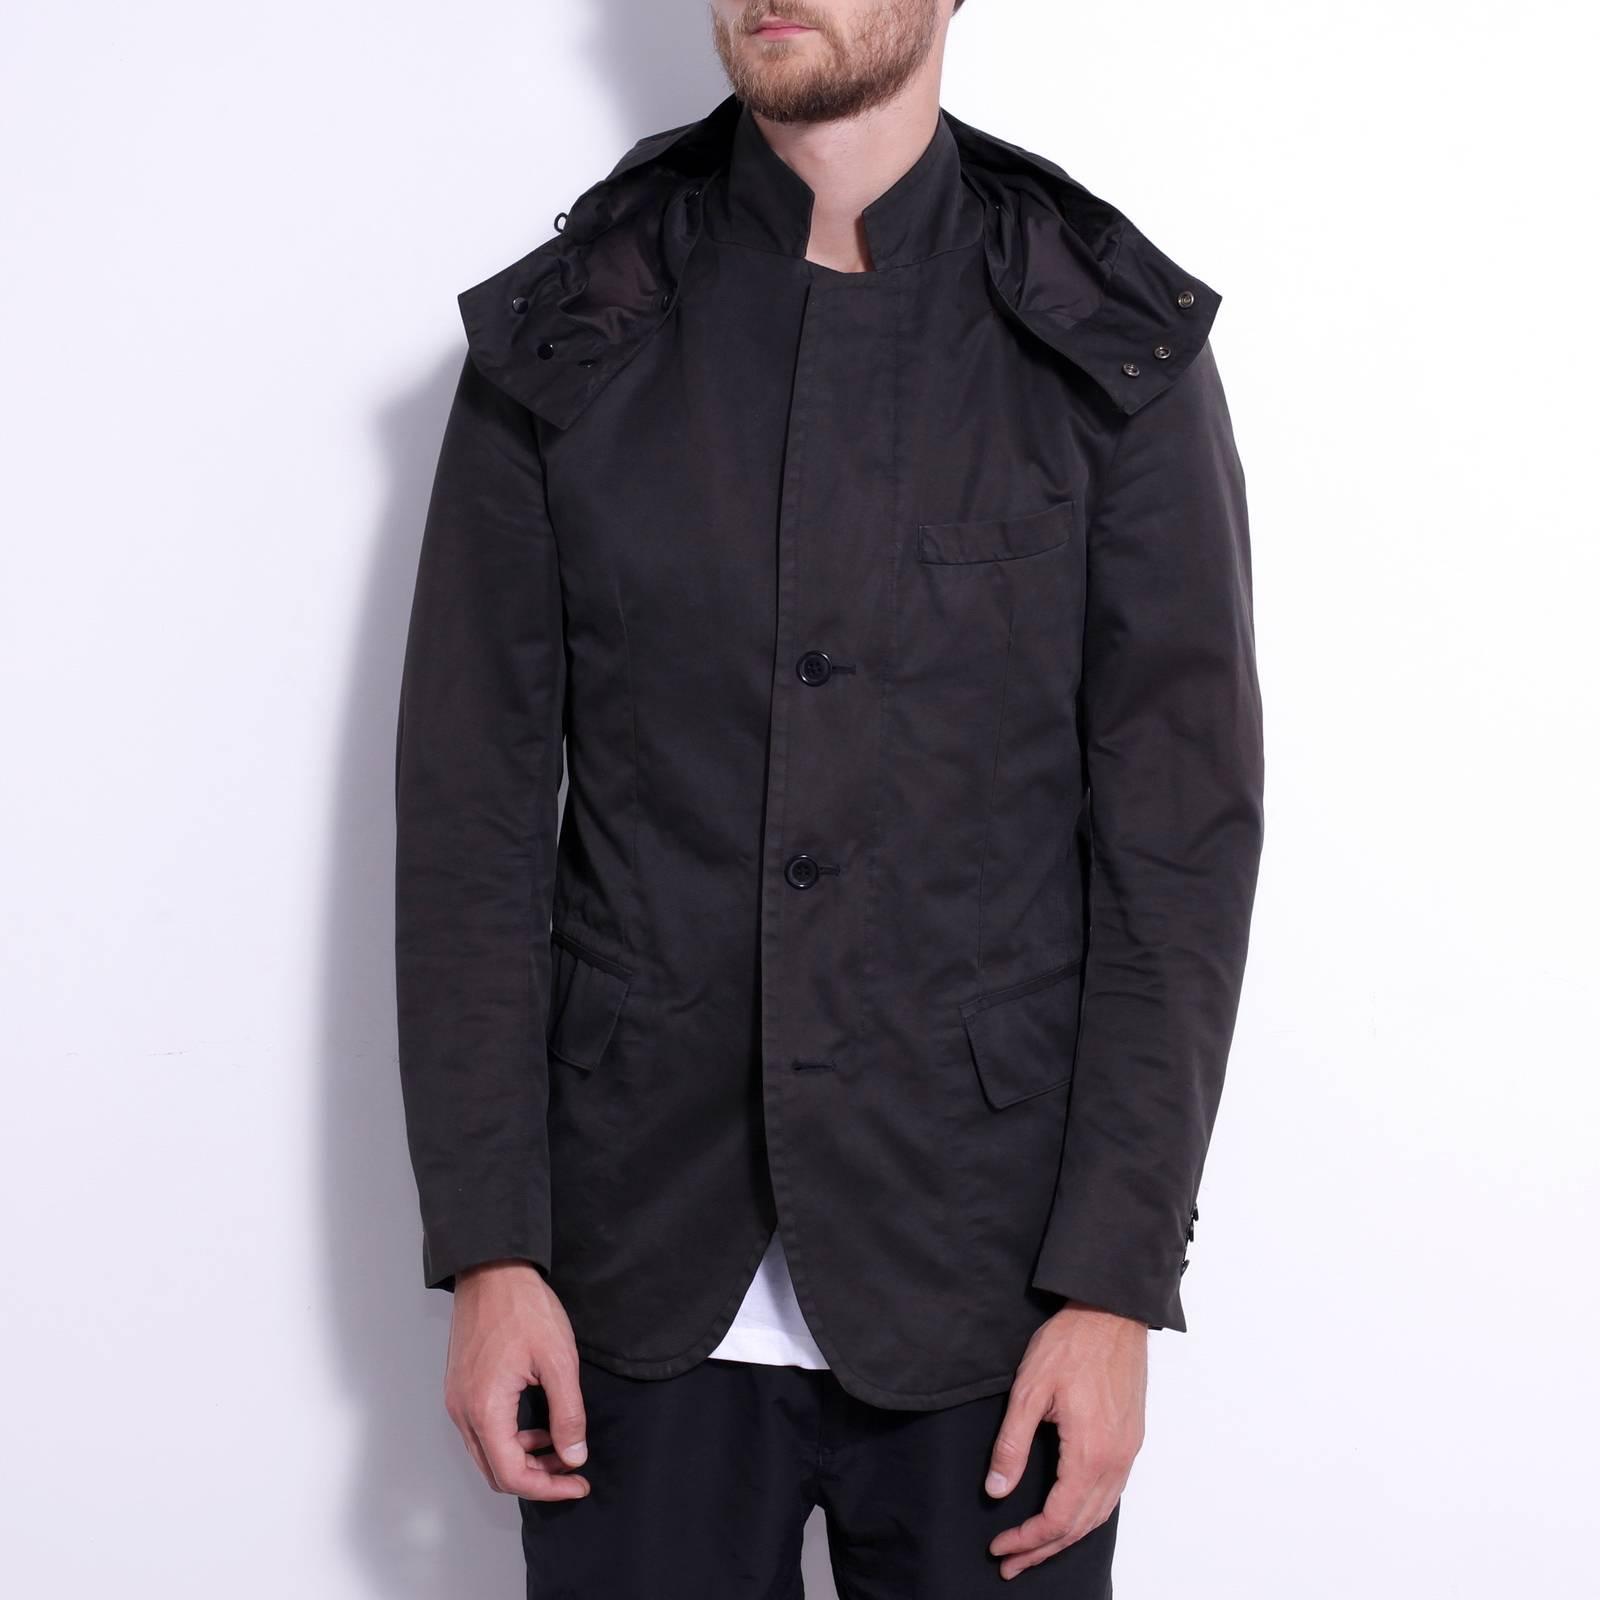 Купить куртку C.P. Company в Москве с доставкой по цене 4480 рублей ... c61d41aab3a